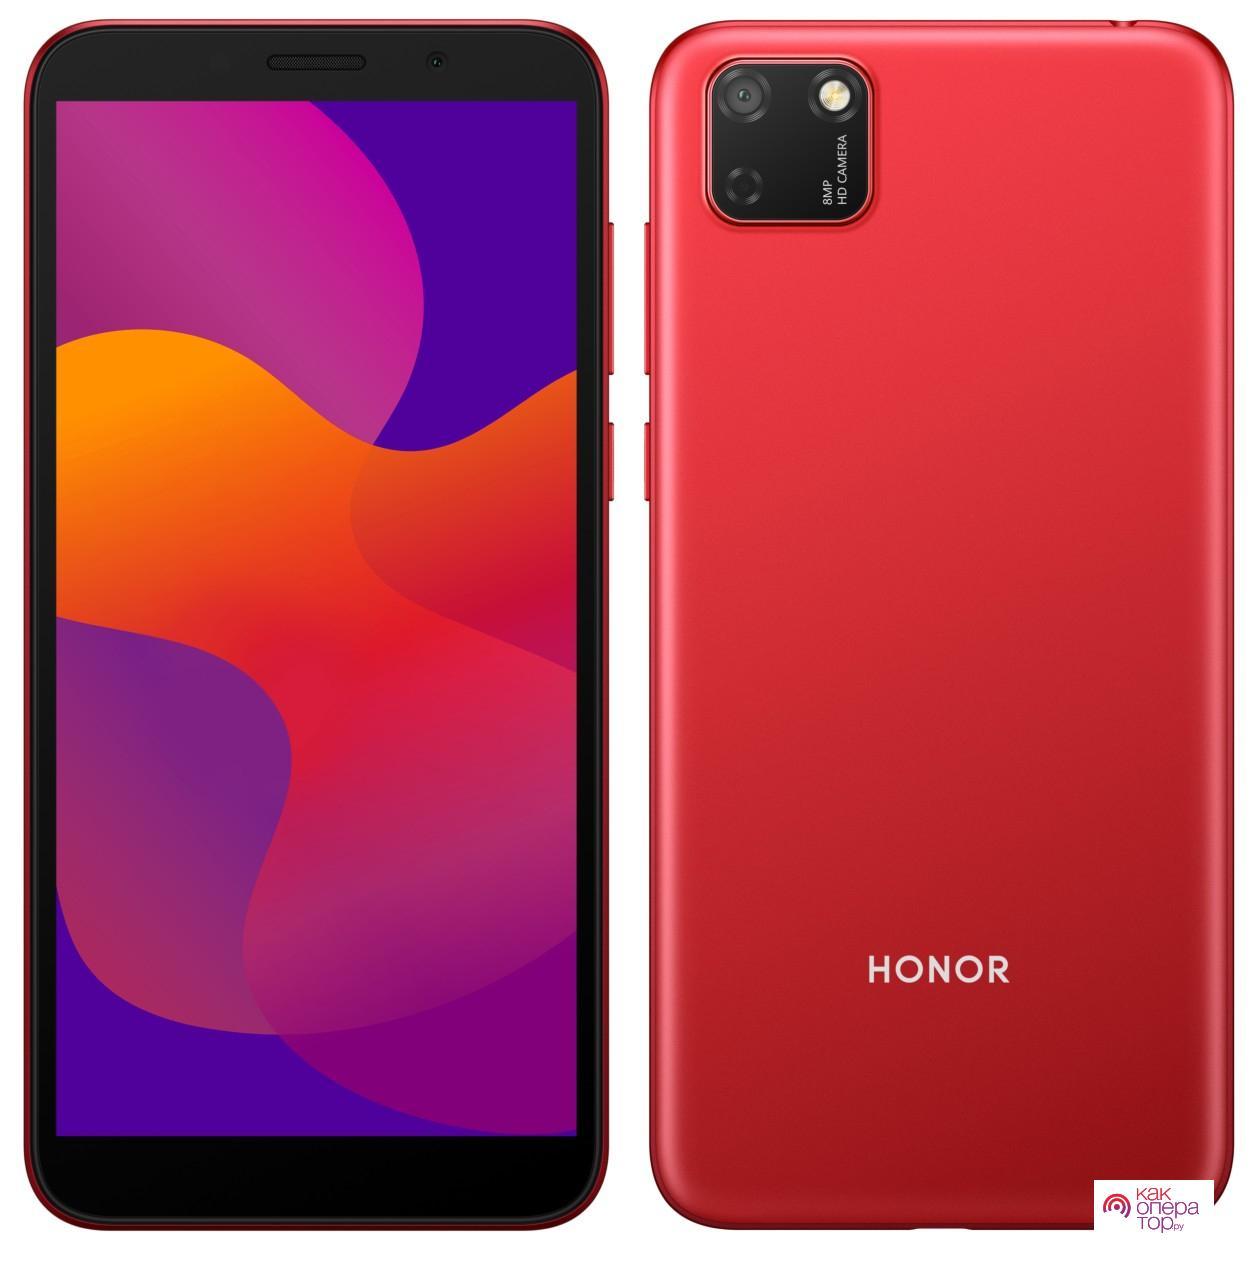 Huawei выводит на российский рынок очередную порцию смартфонов – HONOR 9C, 9A и 9S   Mobile-review.com — Новости